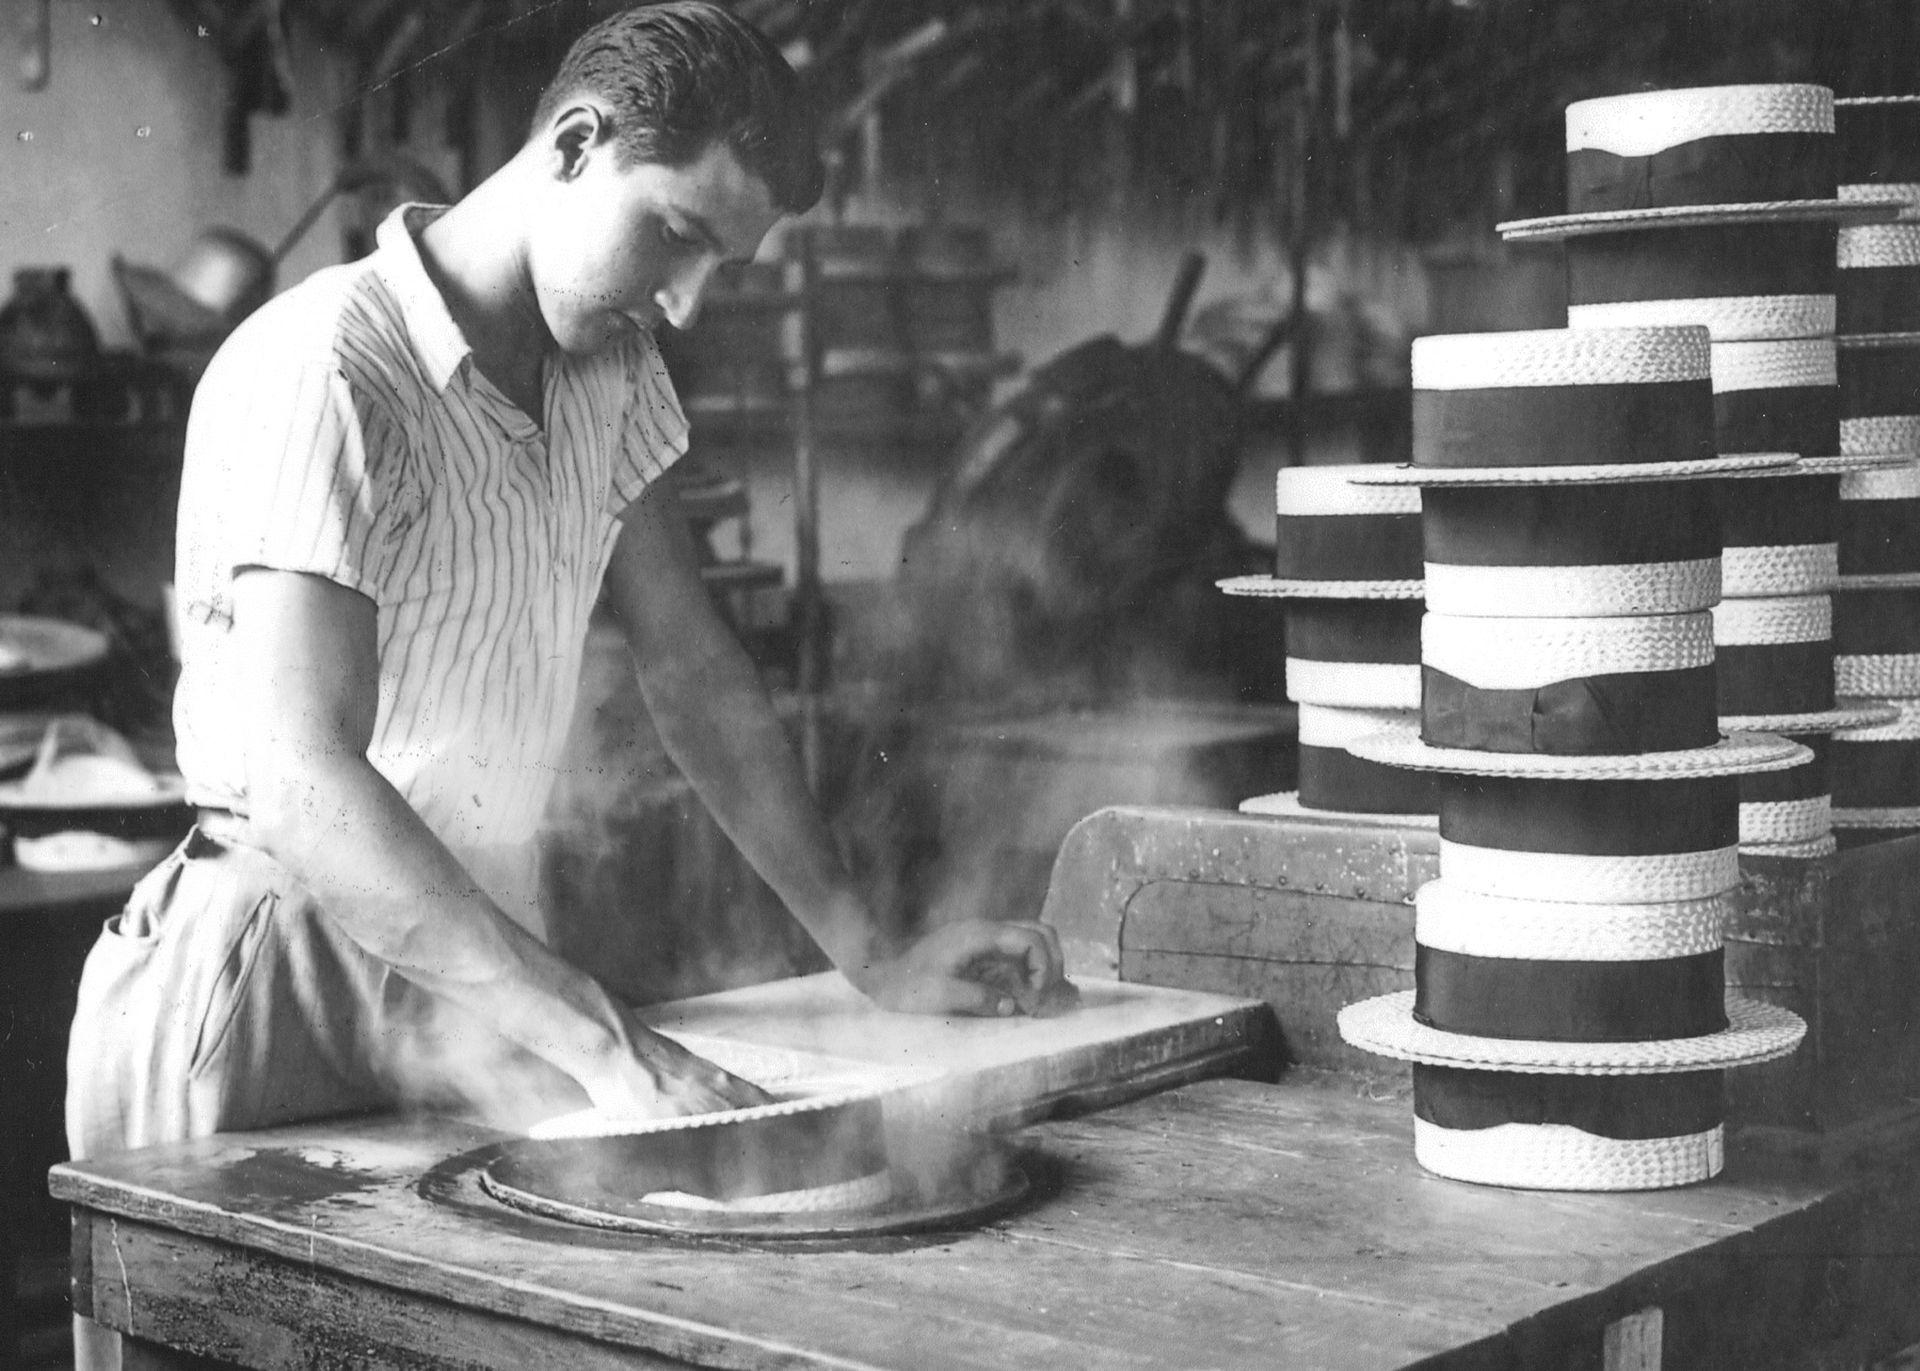 Taller de fabricación de sombreros. 1942.